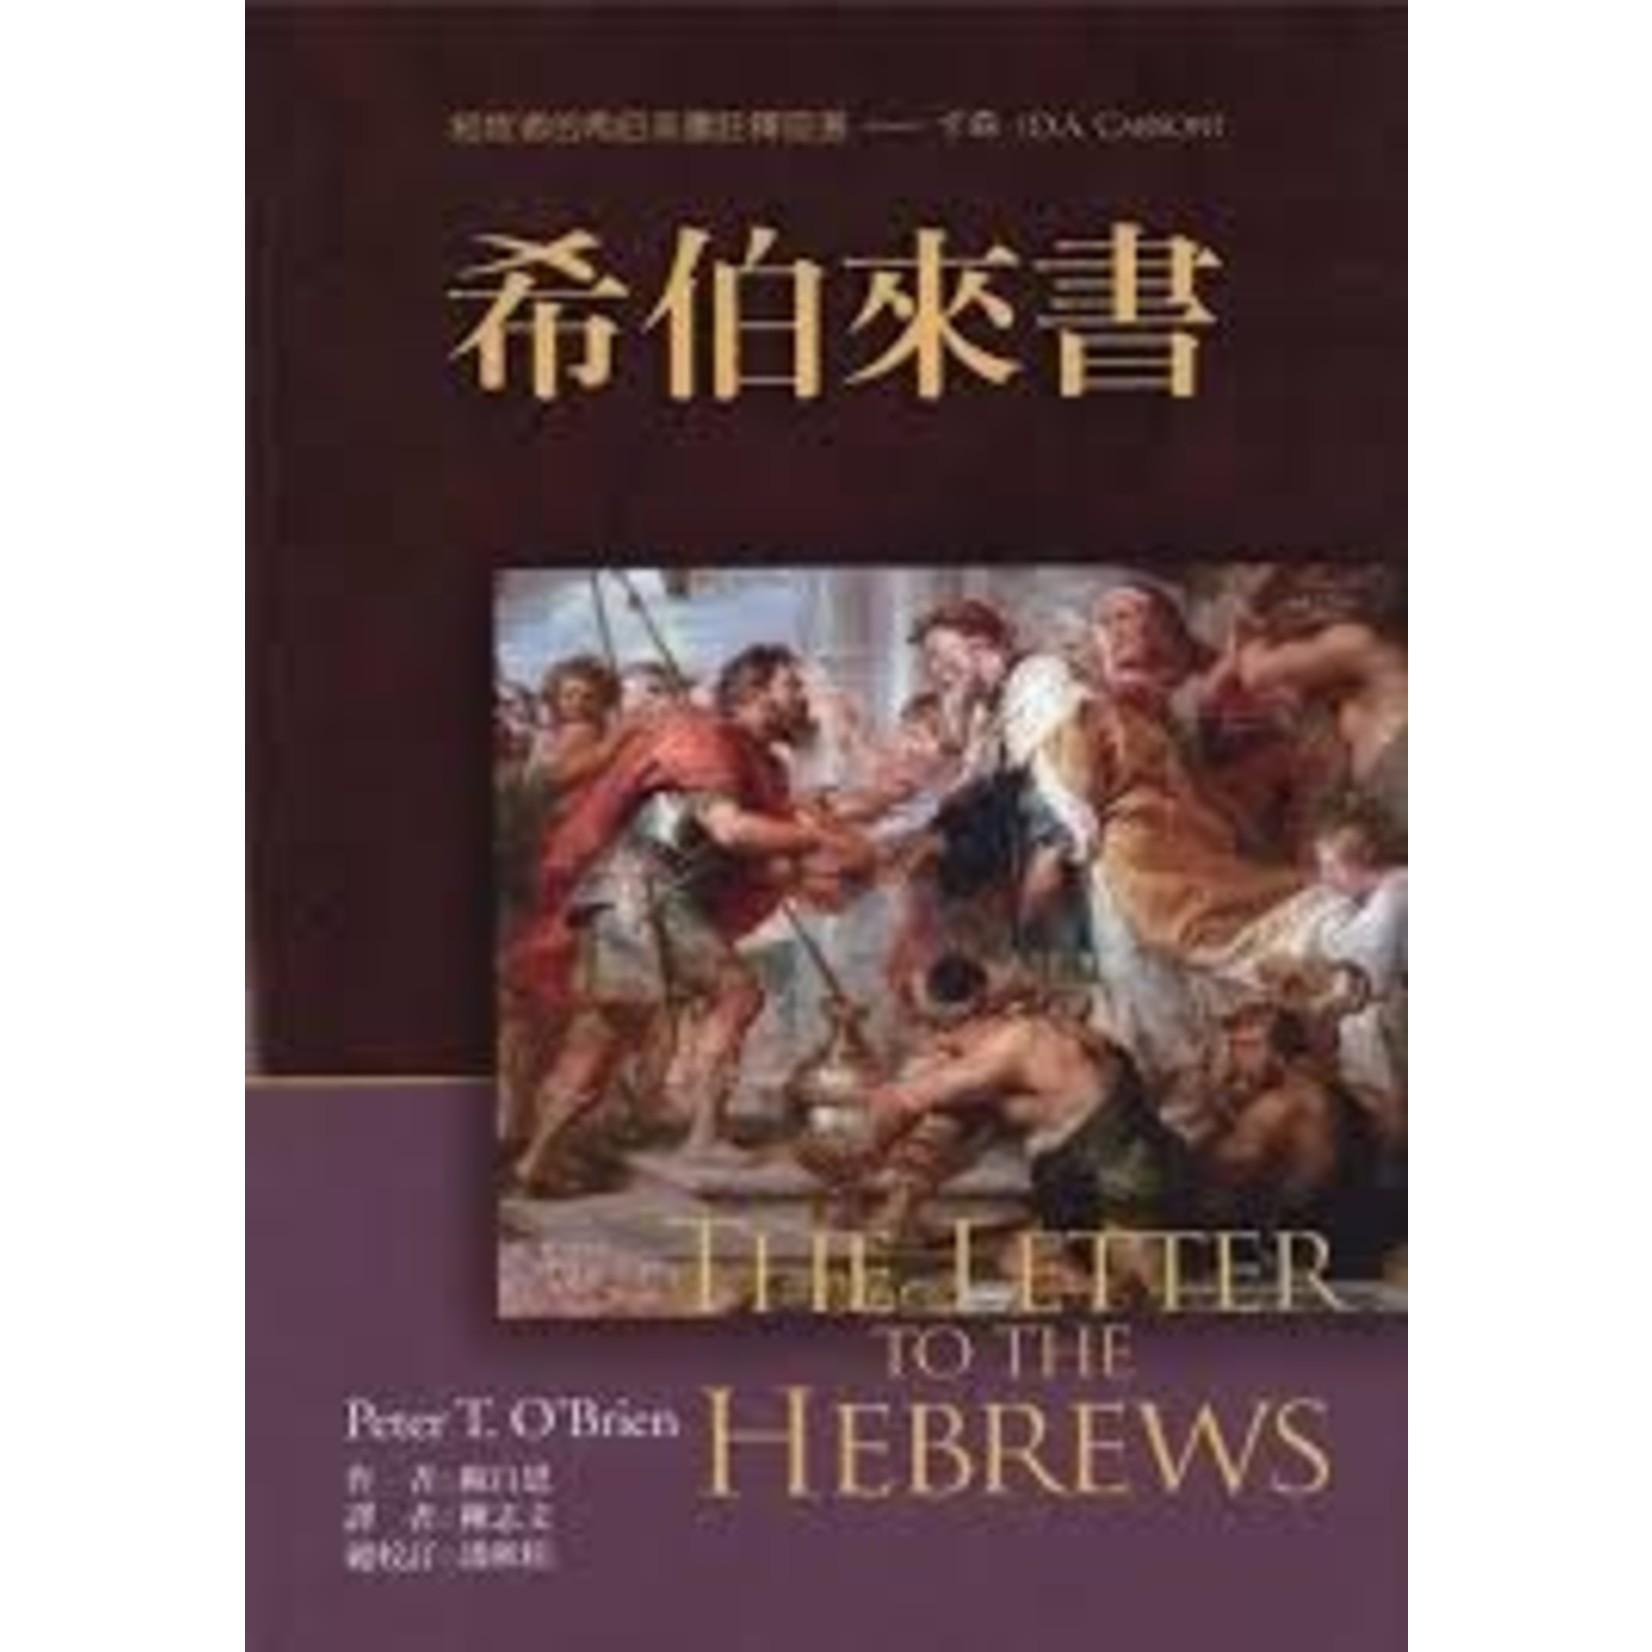 美國麥種傳道會 AKOWCM 麥種聖經註釋:希伯來書  The Letter to the Hebrews